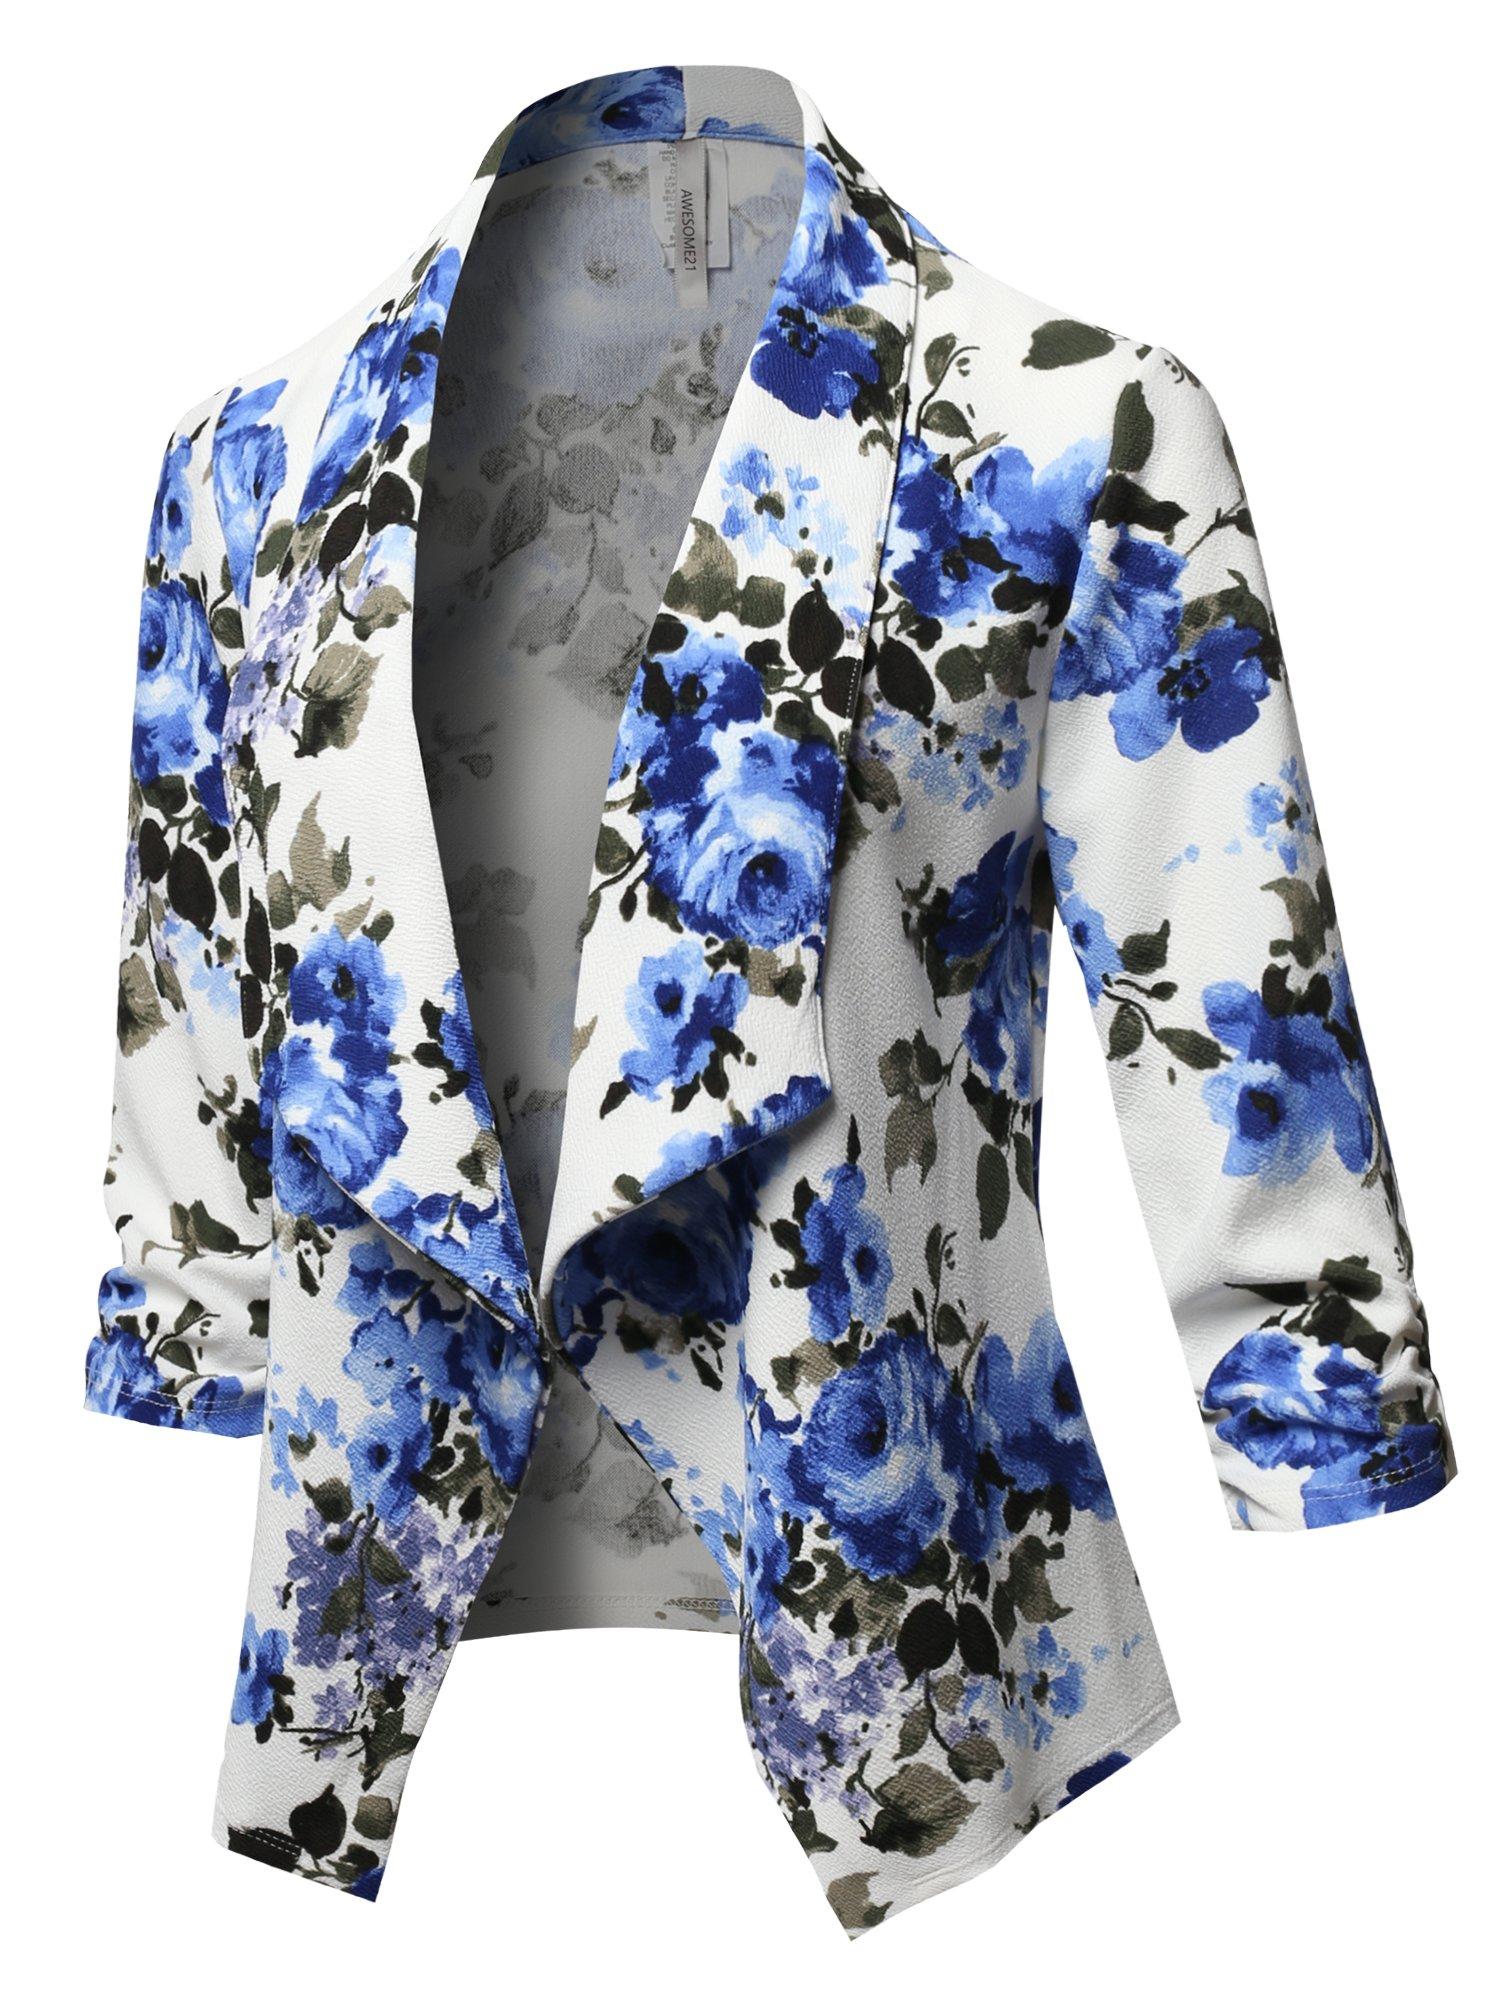 Awesome21 Stretch 3/4 Gathered Sleeve Open Blazer Jacket White Blue Olive Size S